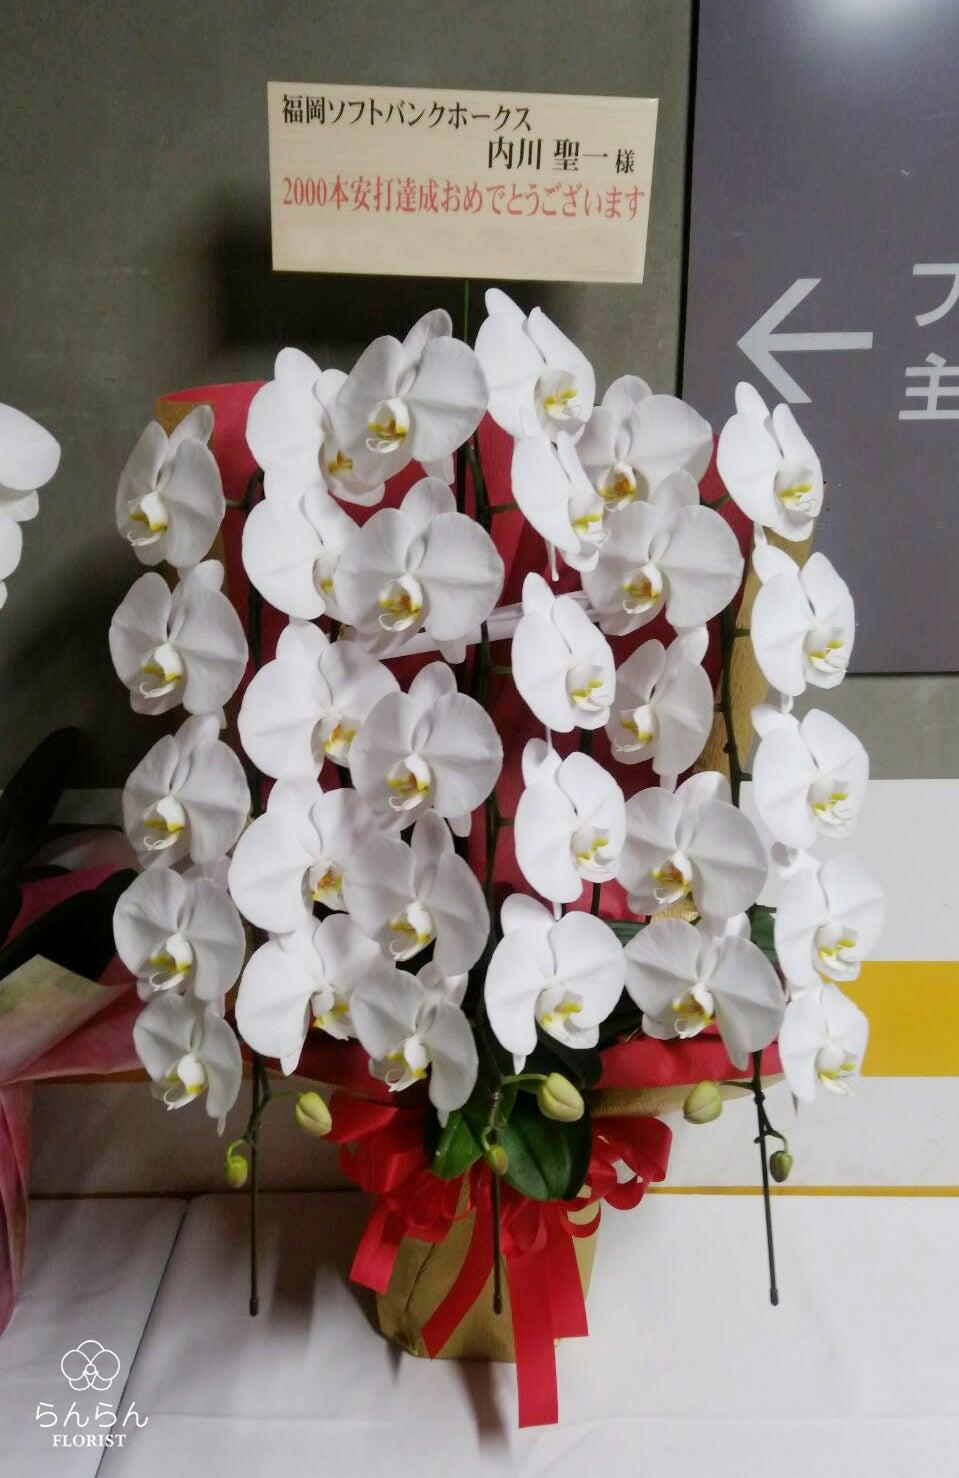 福岡ソフトバンクホークス 内川聖一選手 2000本安打達成お祝い